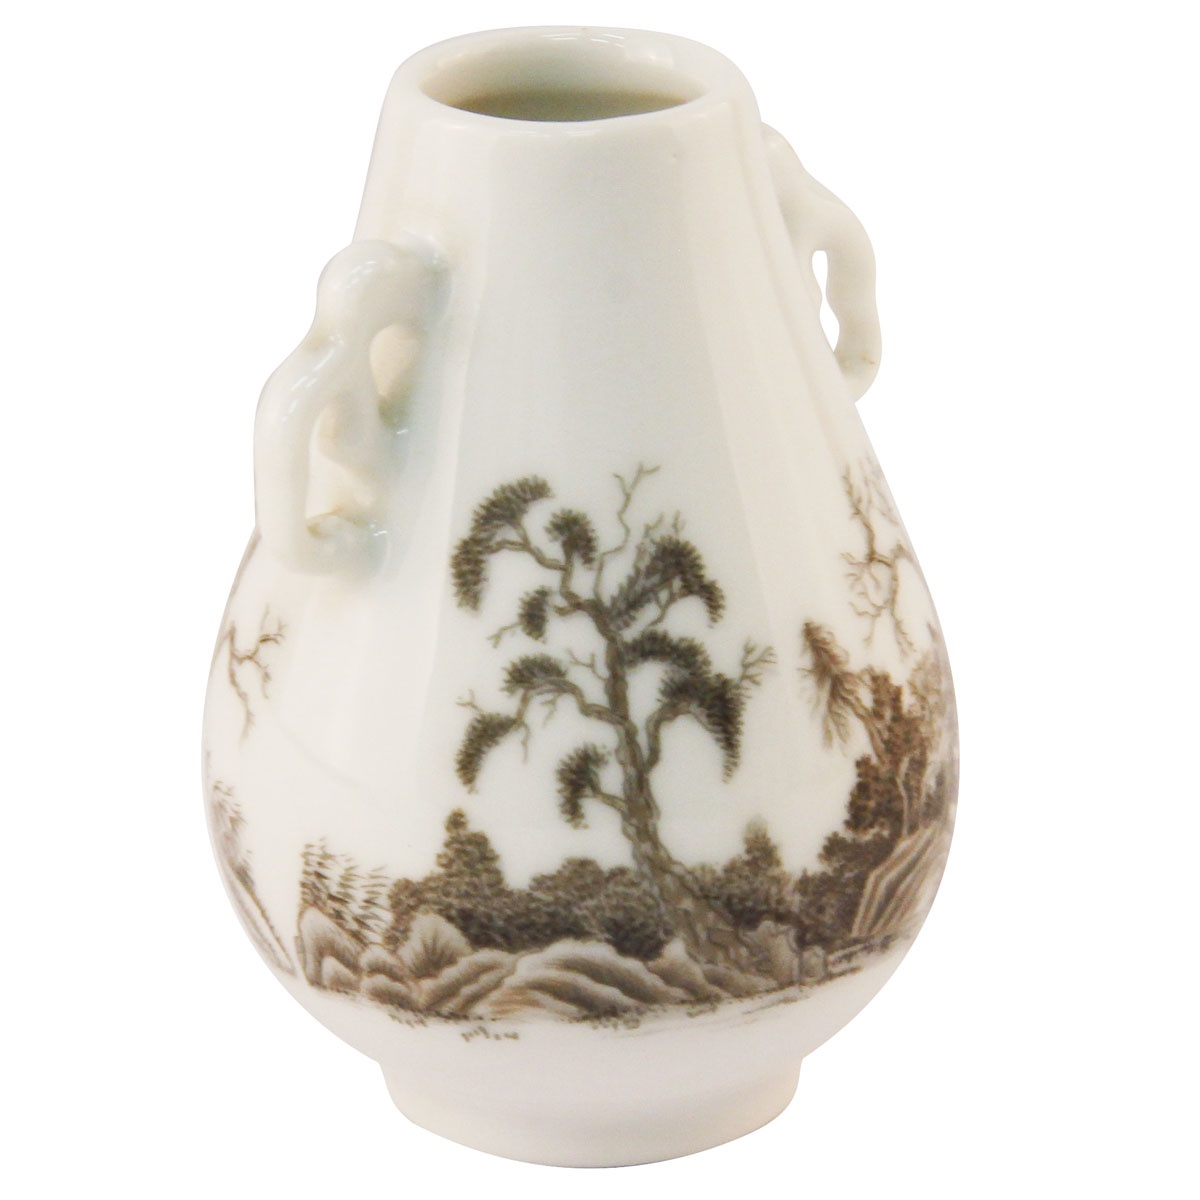 Ваза Franklin Mint OC36048, белый, коричневый ваза noritake миниатюрная лебедь на озере фарфор роспись люстр япония середина 20 века